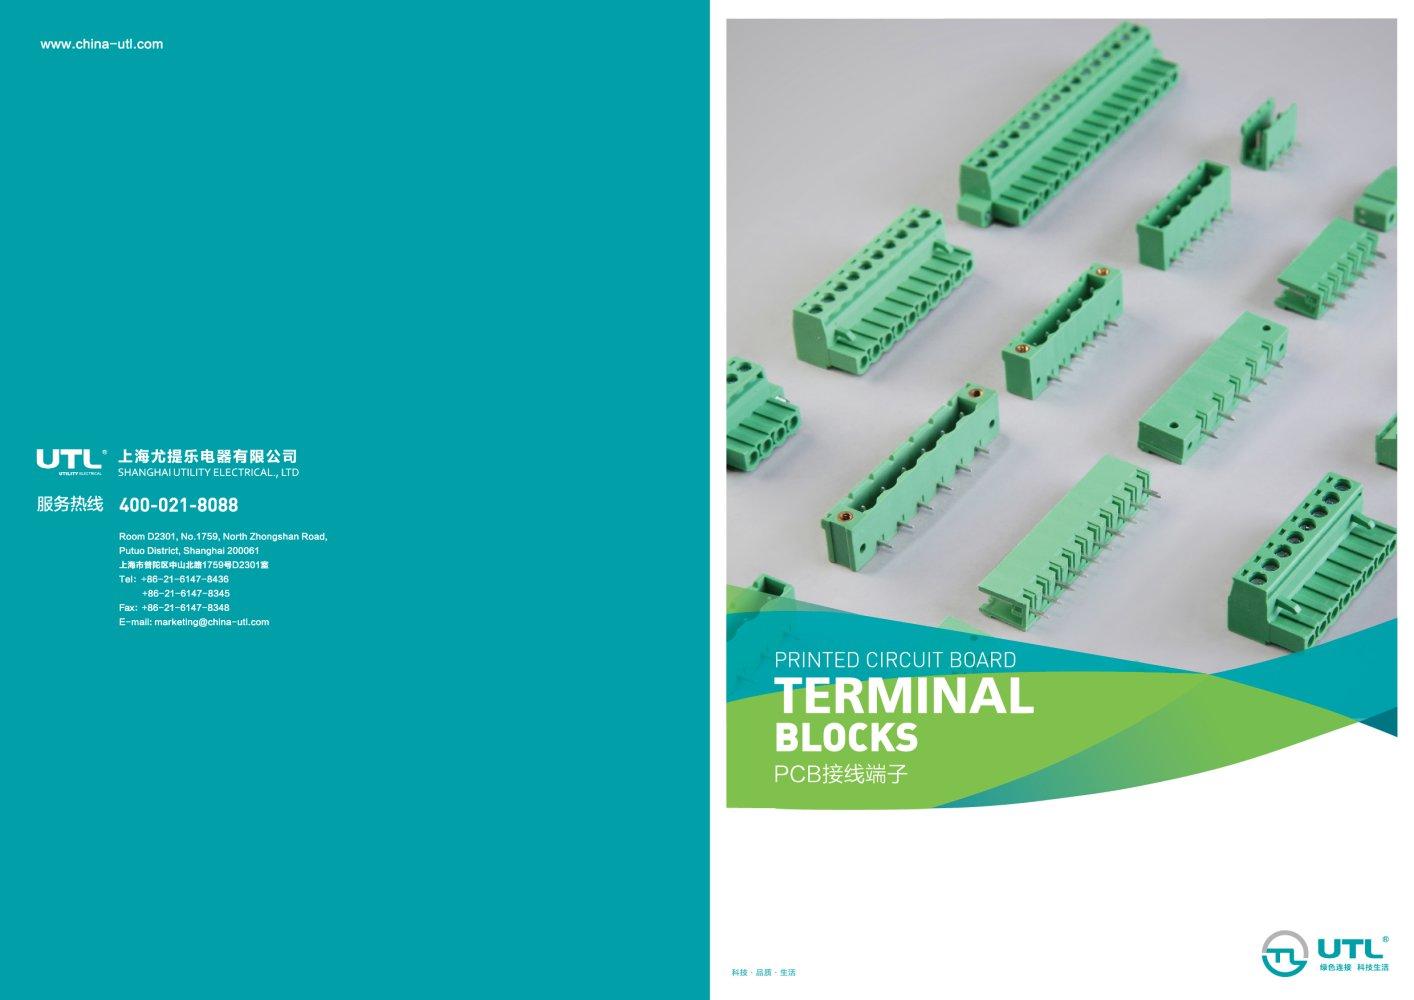 PCB terminal blocks - Utility Electrical Co., Ltd. - PDF Catalogue ...